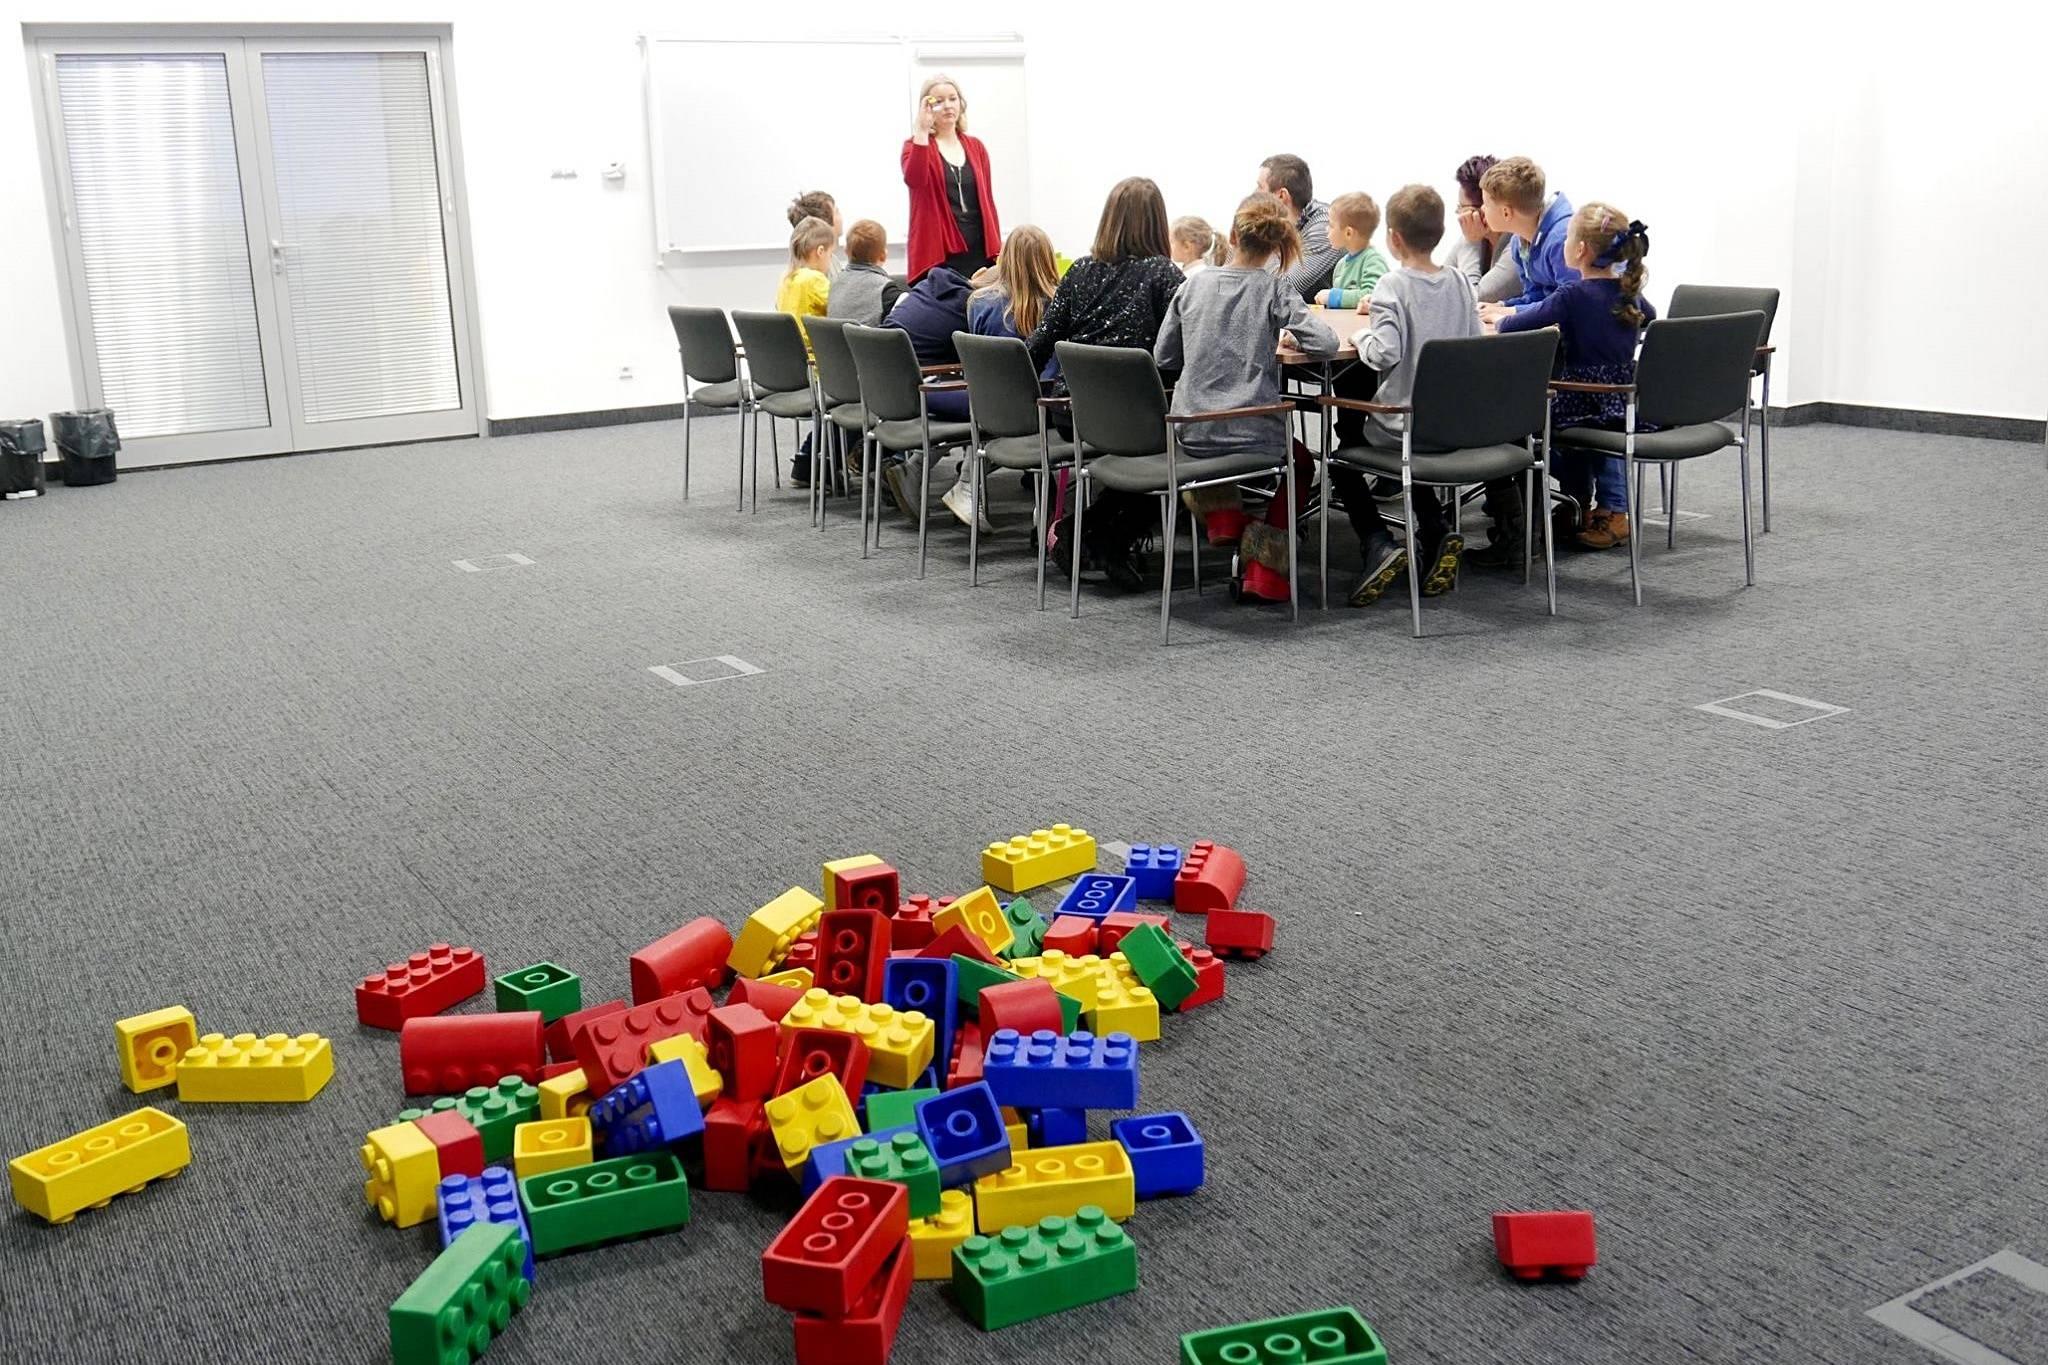 Uniwersytet Dziecięcy - Wykład dla dzieci